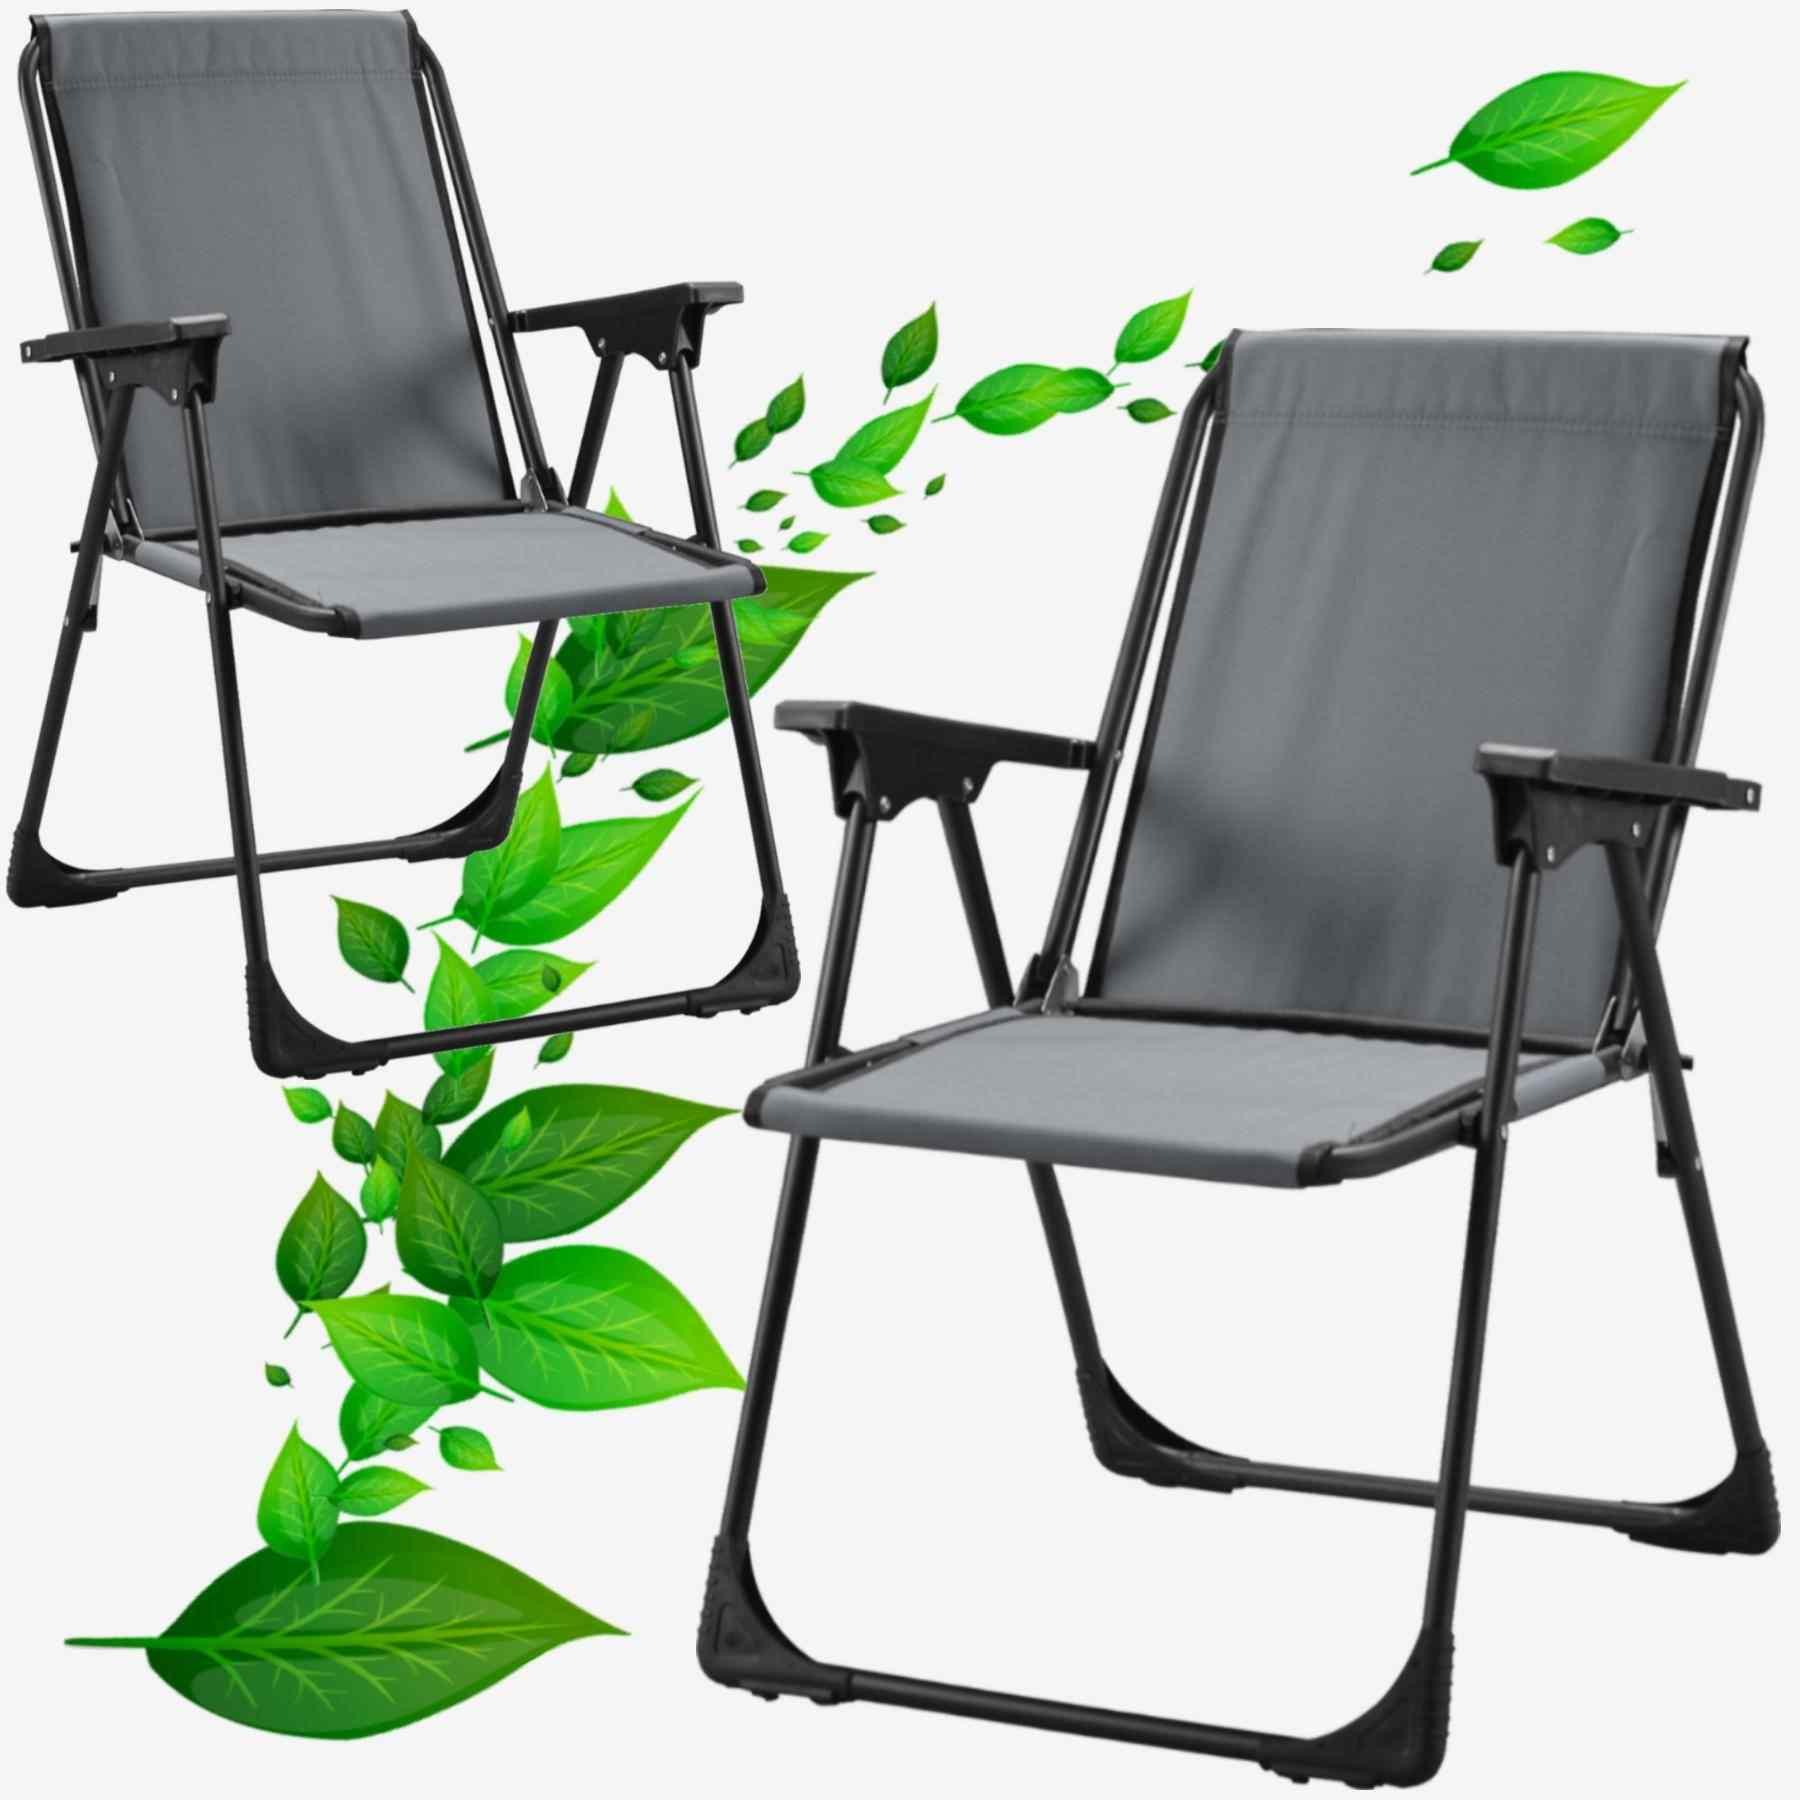 Star Katlanır Koltuk Piknik Plaj Sandalyesi Kamp Sandalyesi Gri 2 Adet